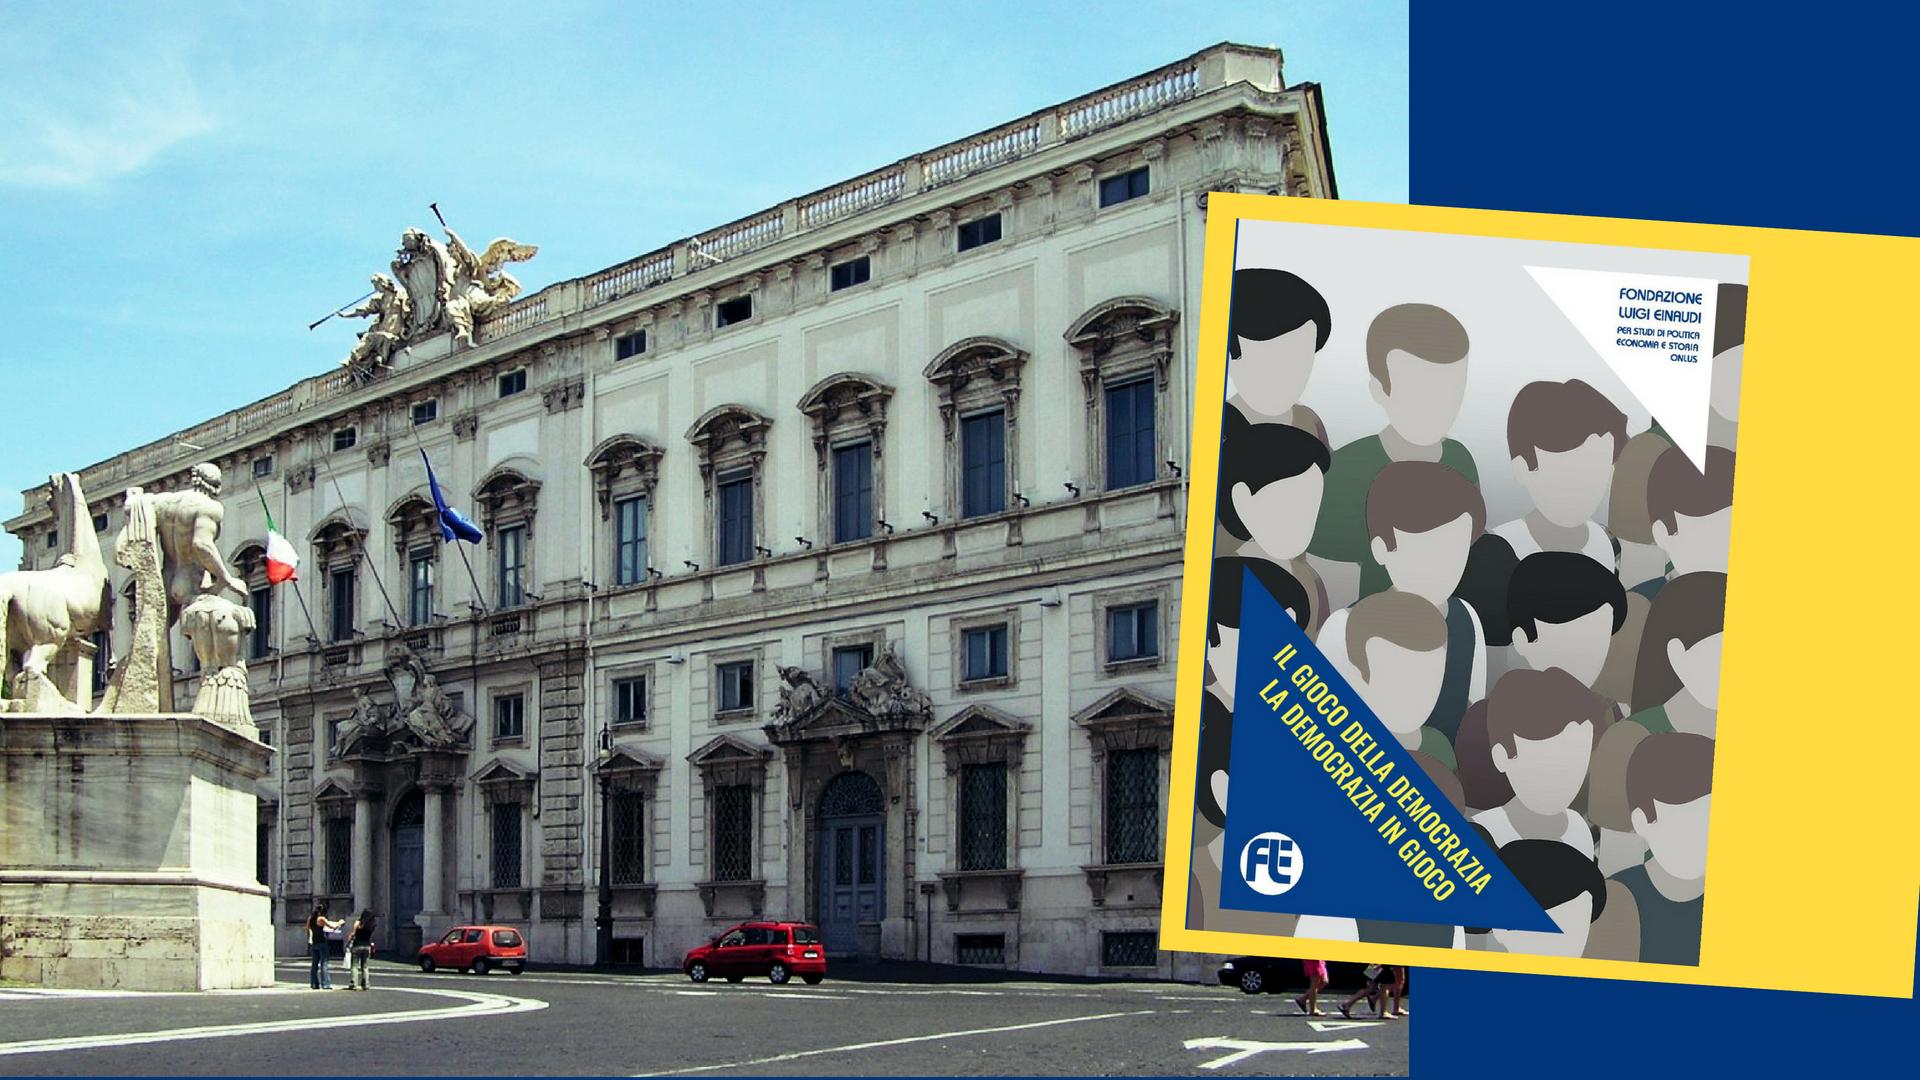 Lo studio-ricerca FLE presentato in Corte Costituzionale